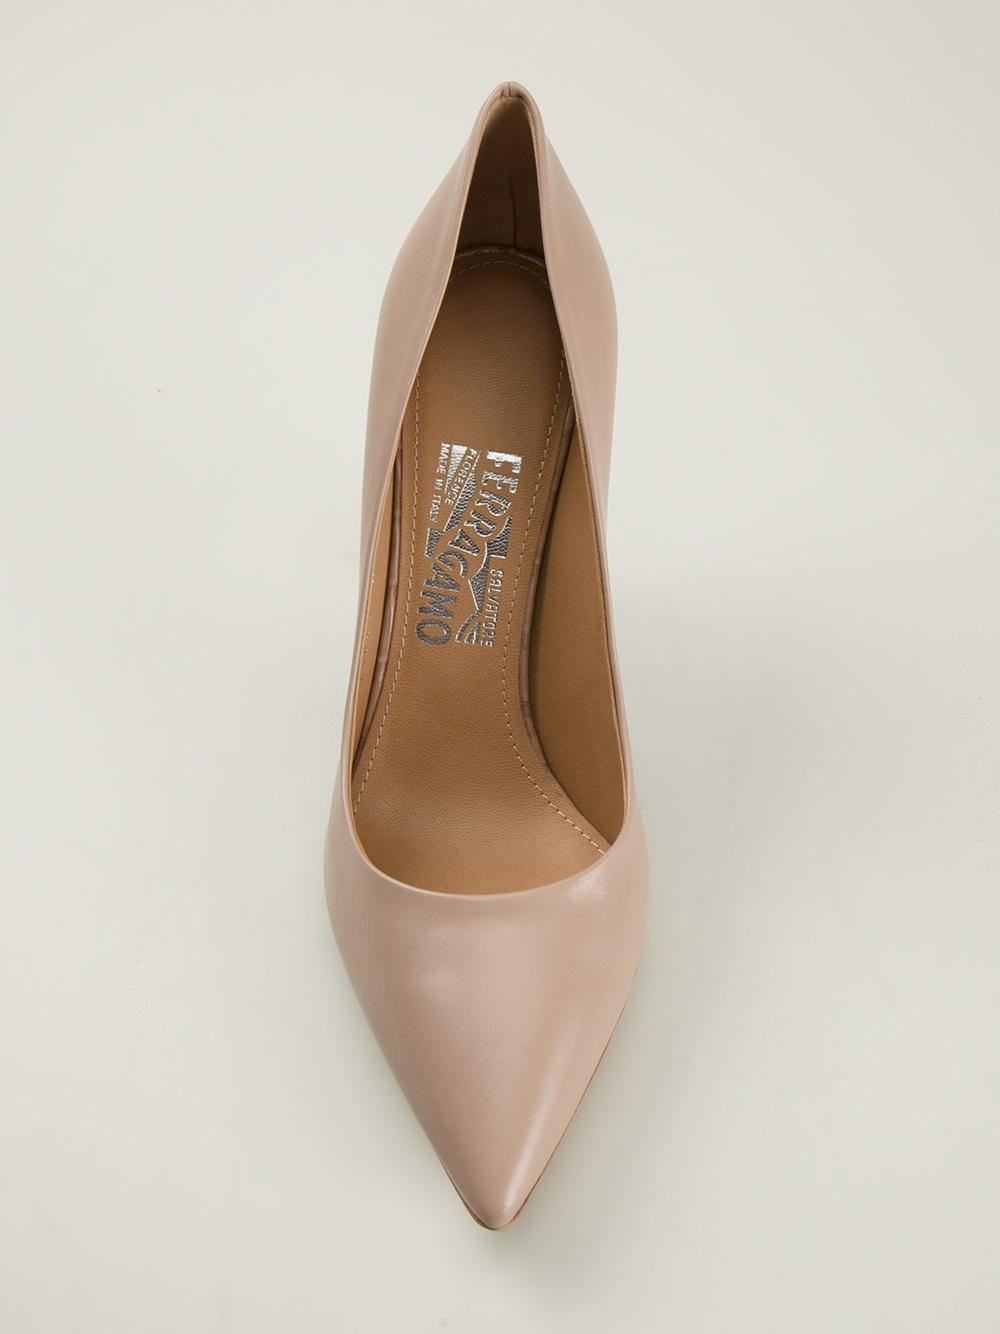 Alberta Ferretti Shoes 2014